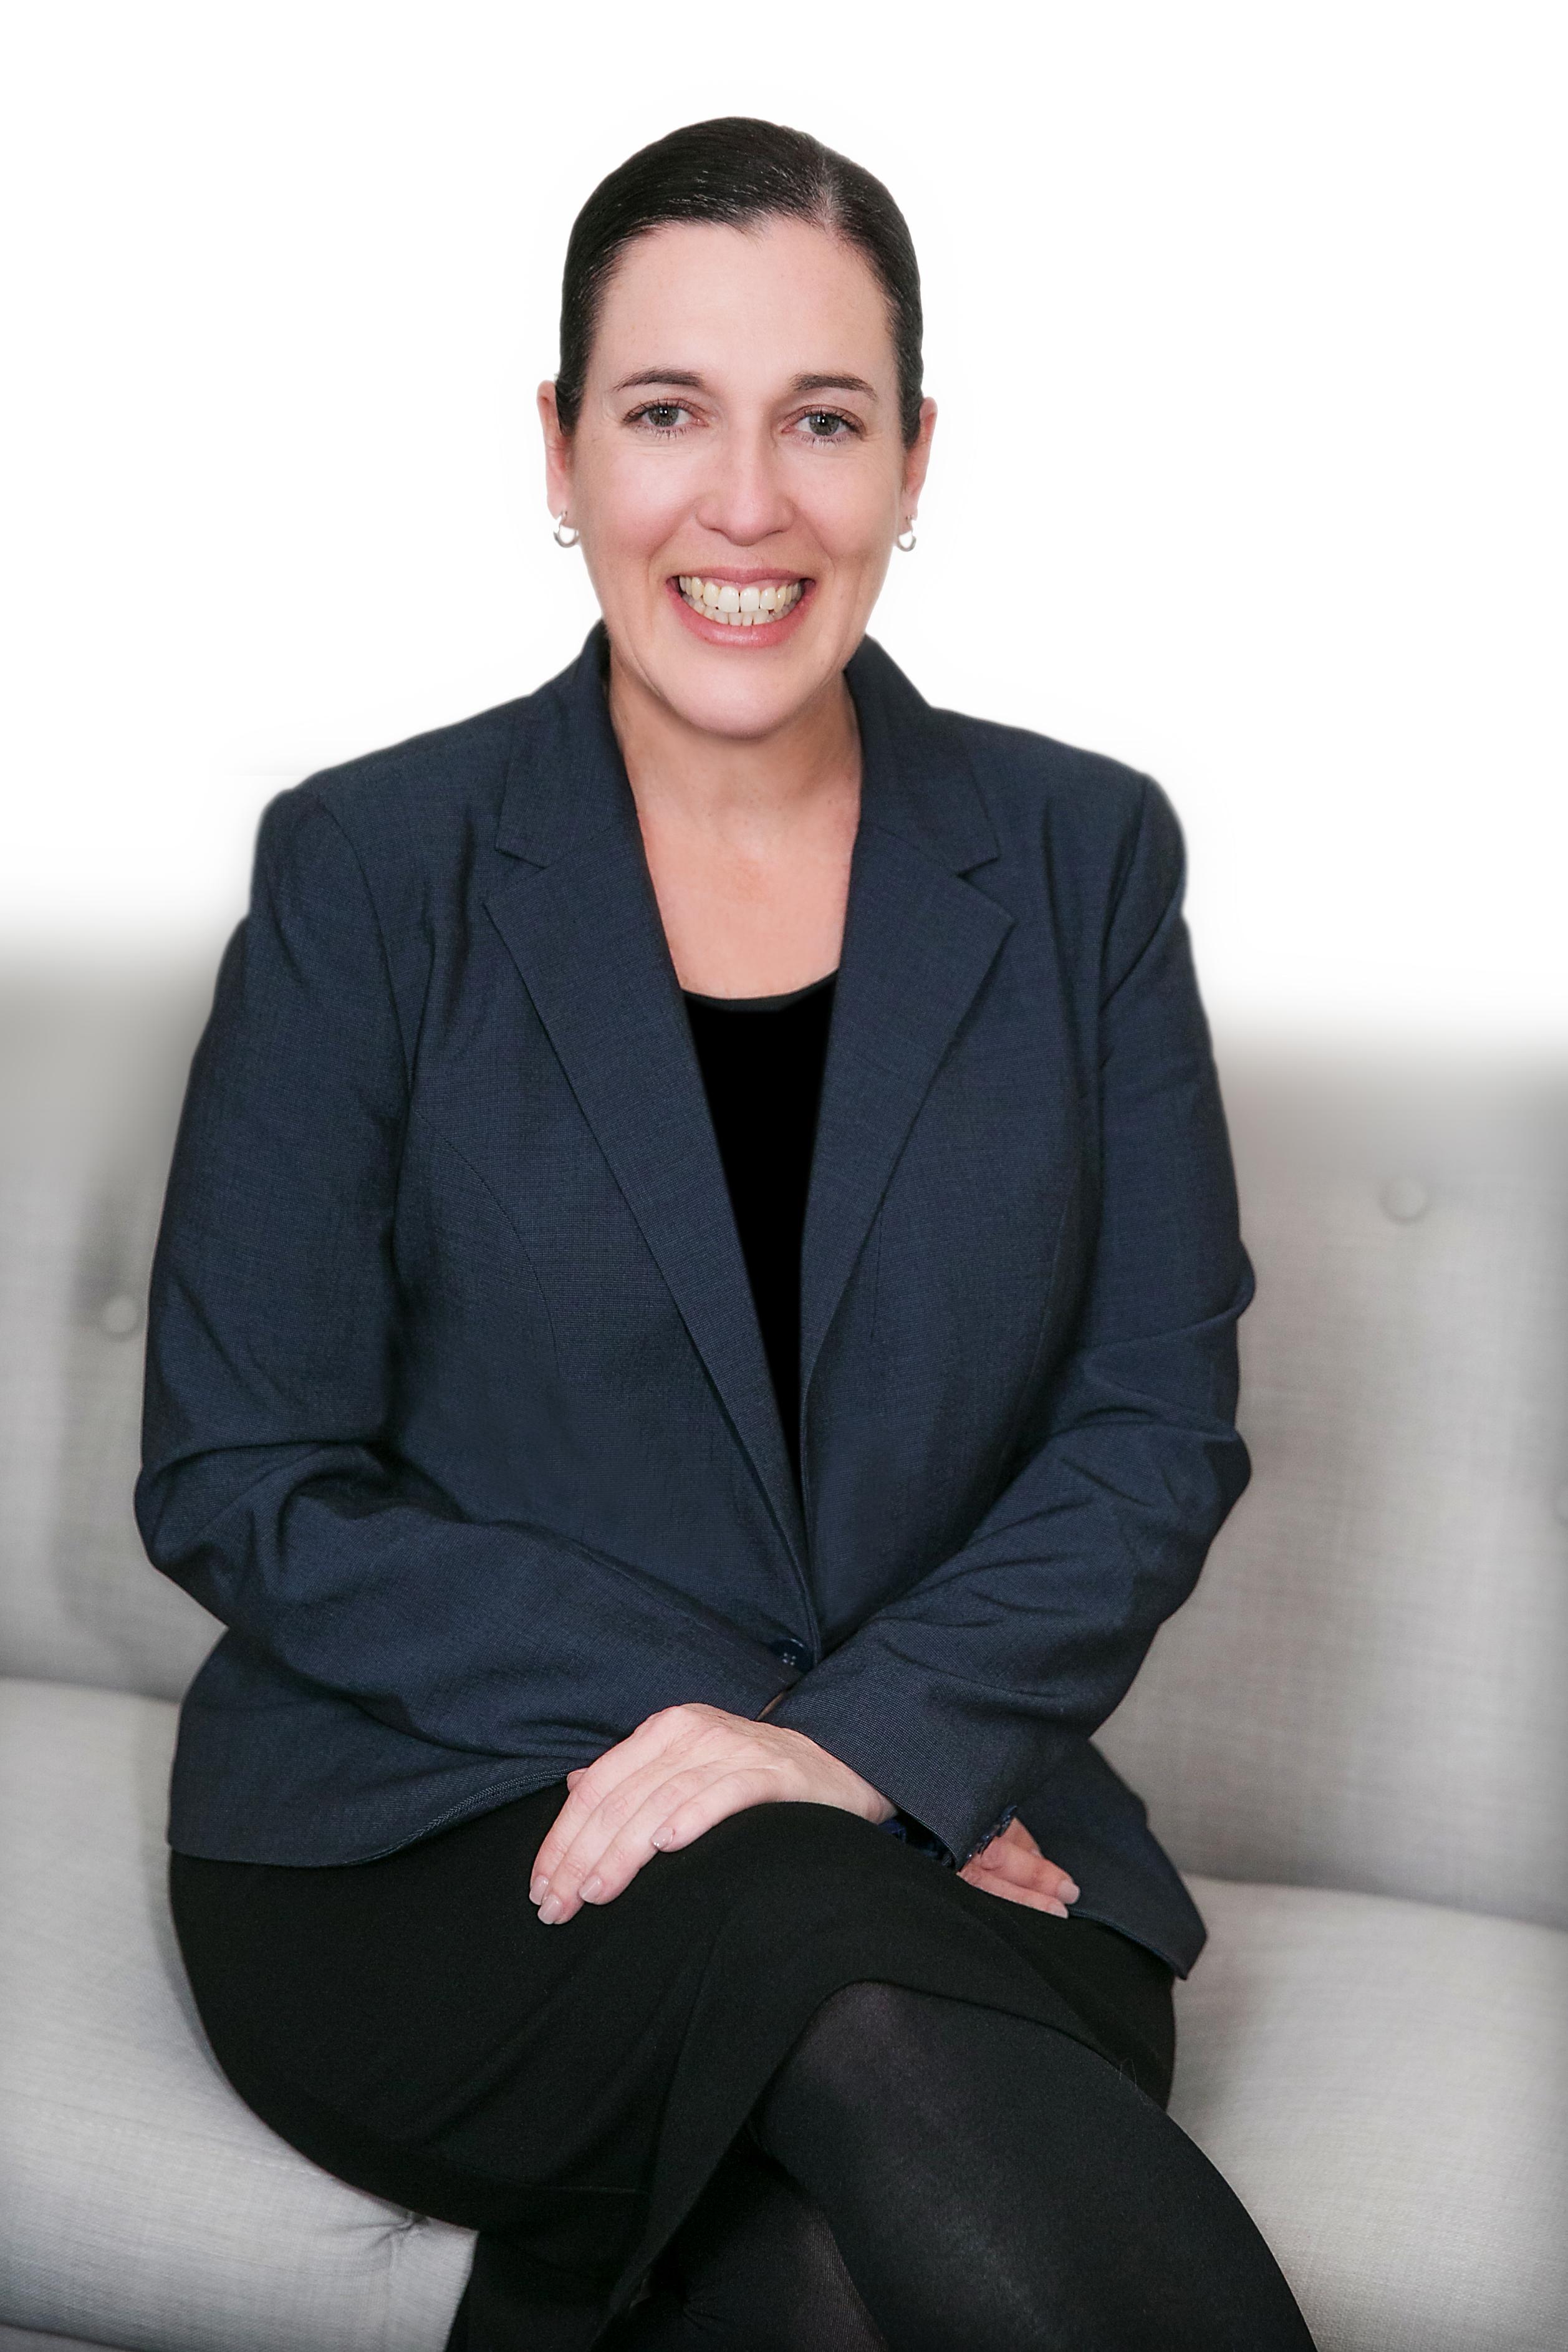 Kristen Standish